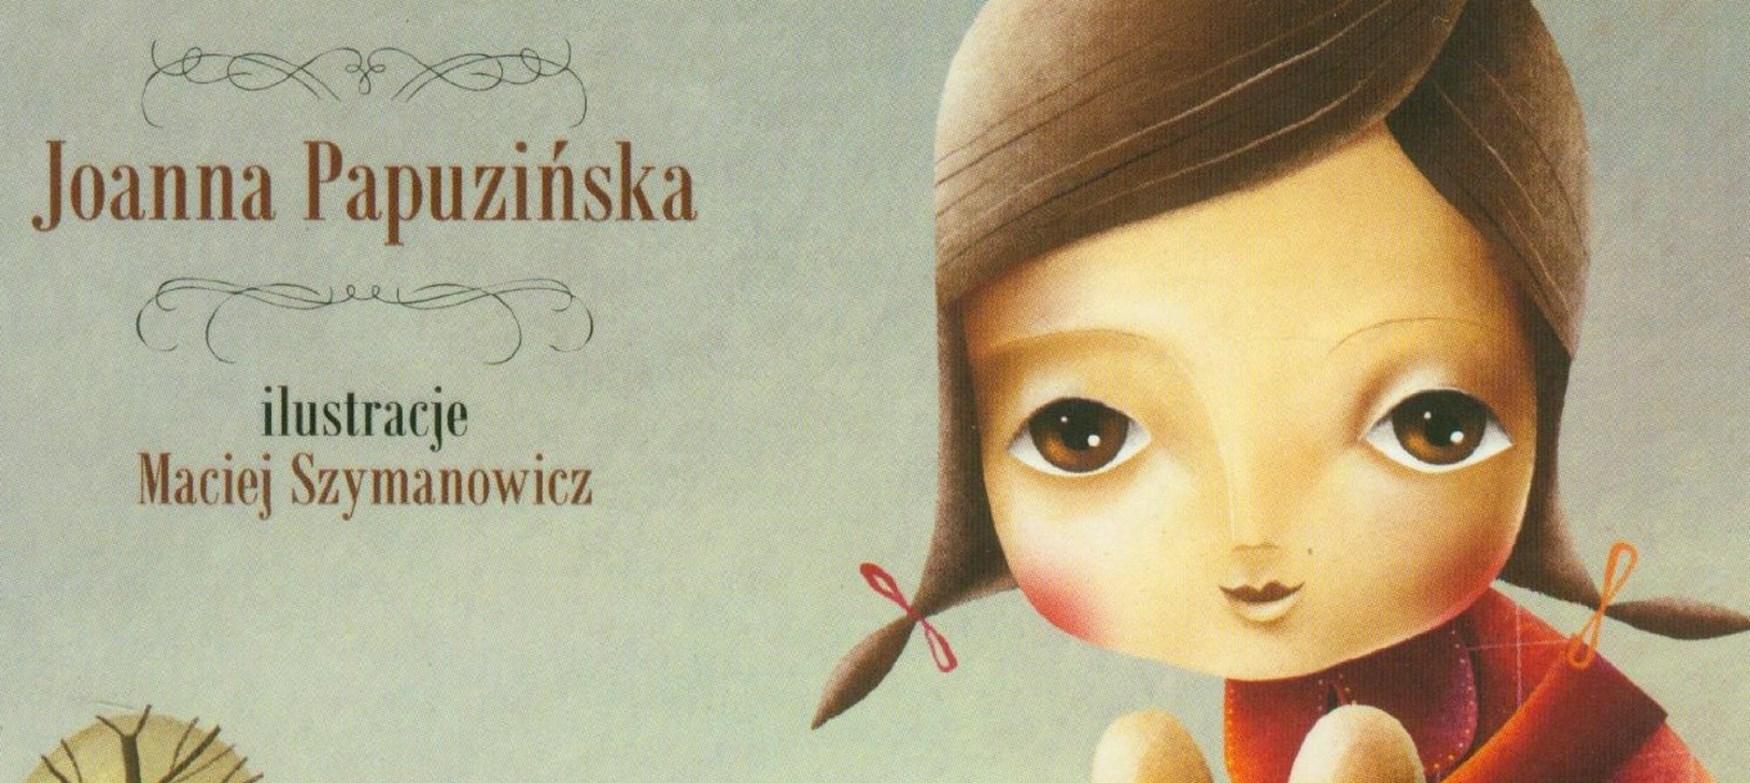 Kartka Z Kalendarza Trzeciaklasa2018